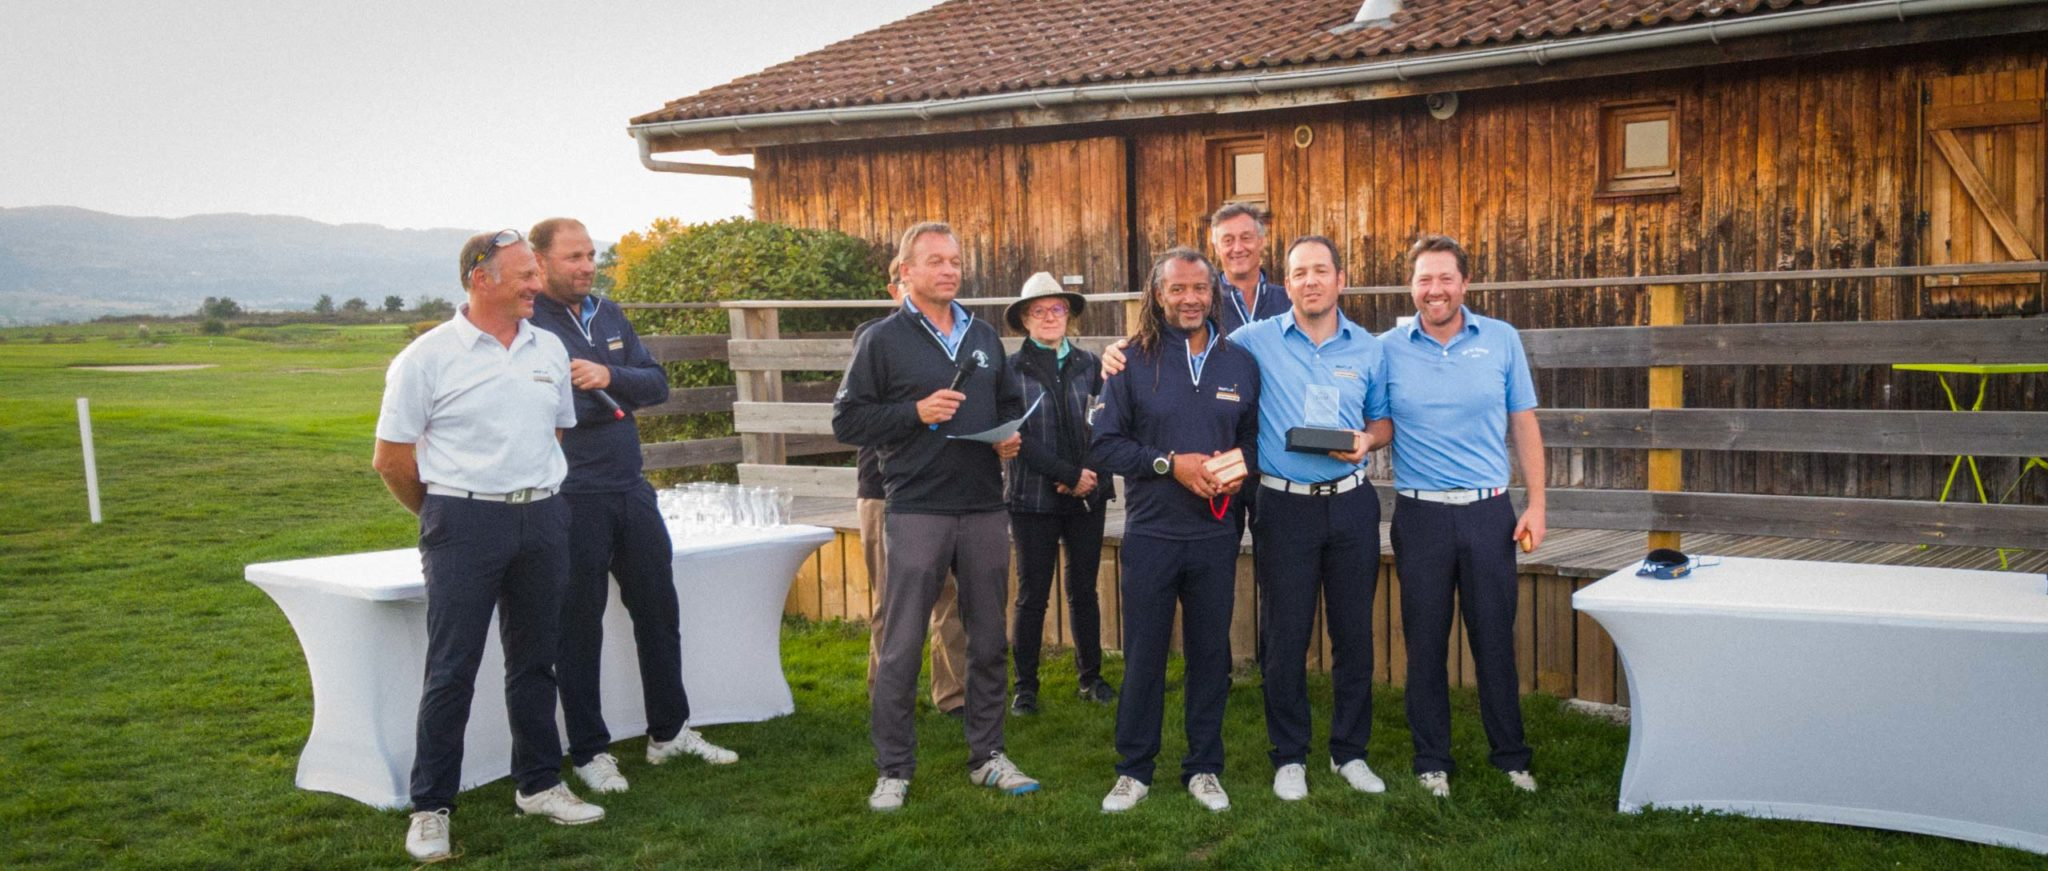 Championnat Ligue Golfs 9 Trous Roanne Champlong 06